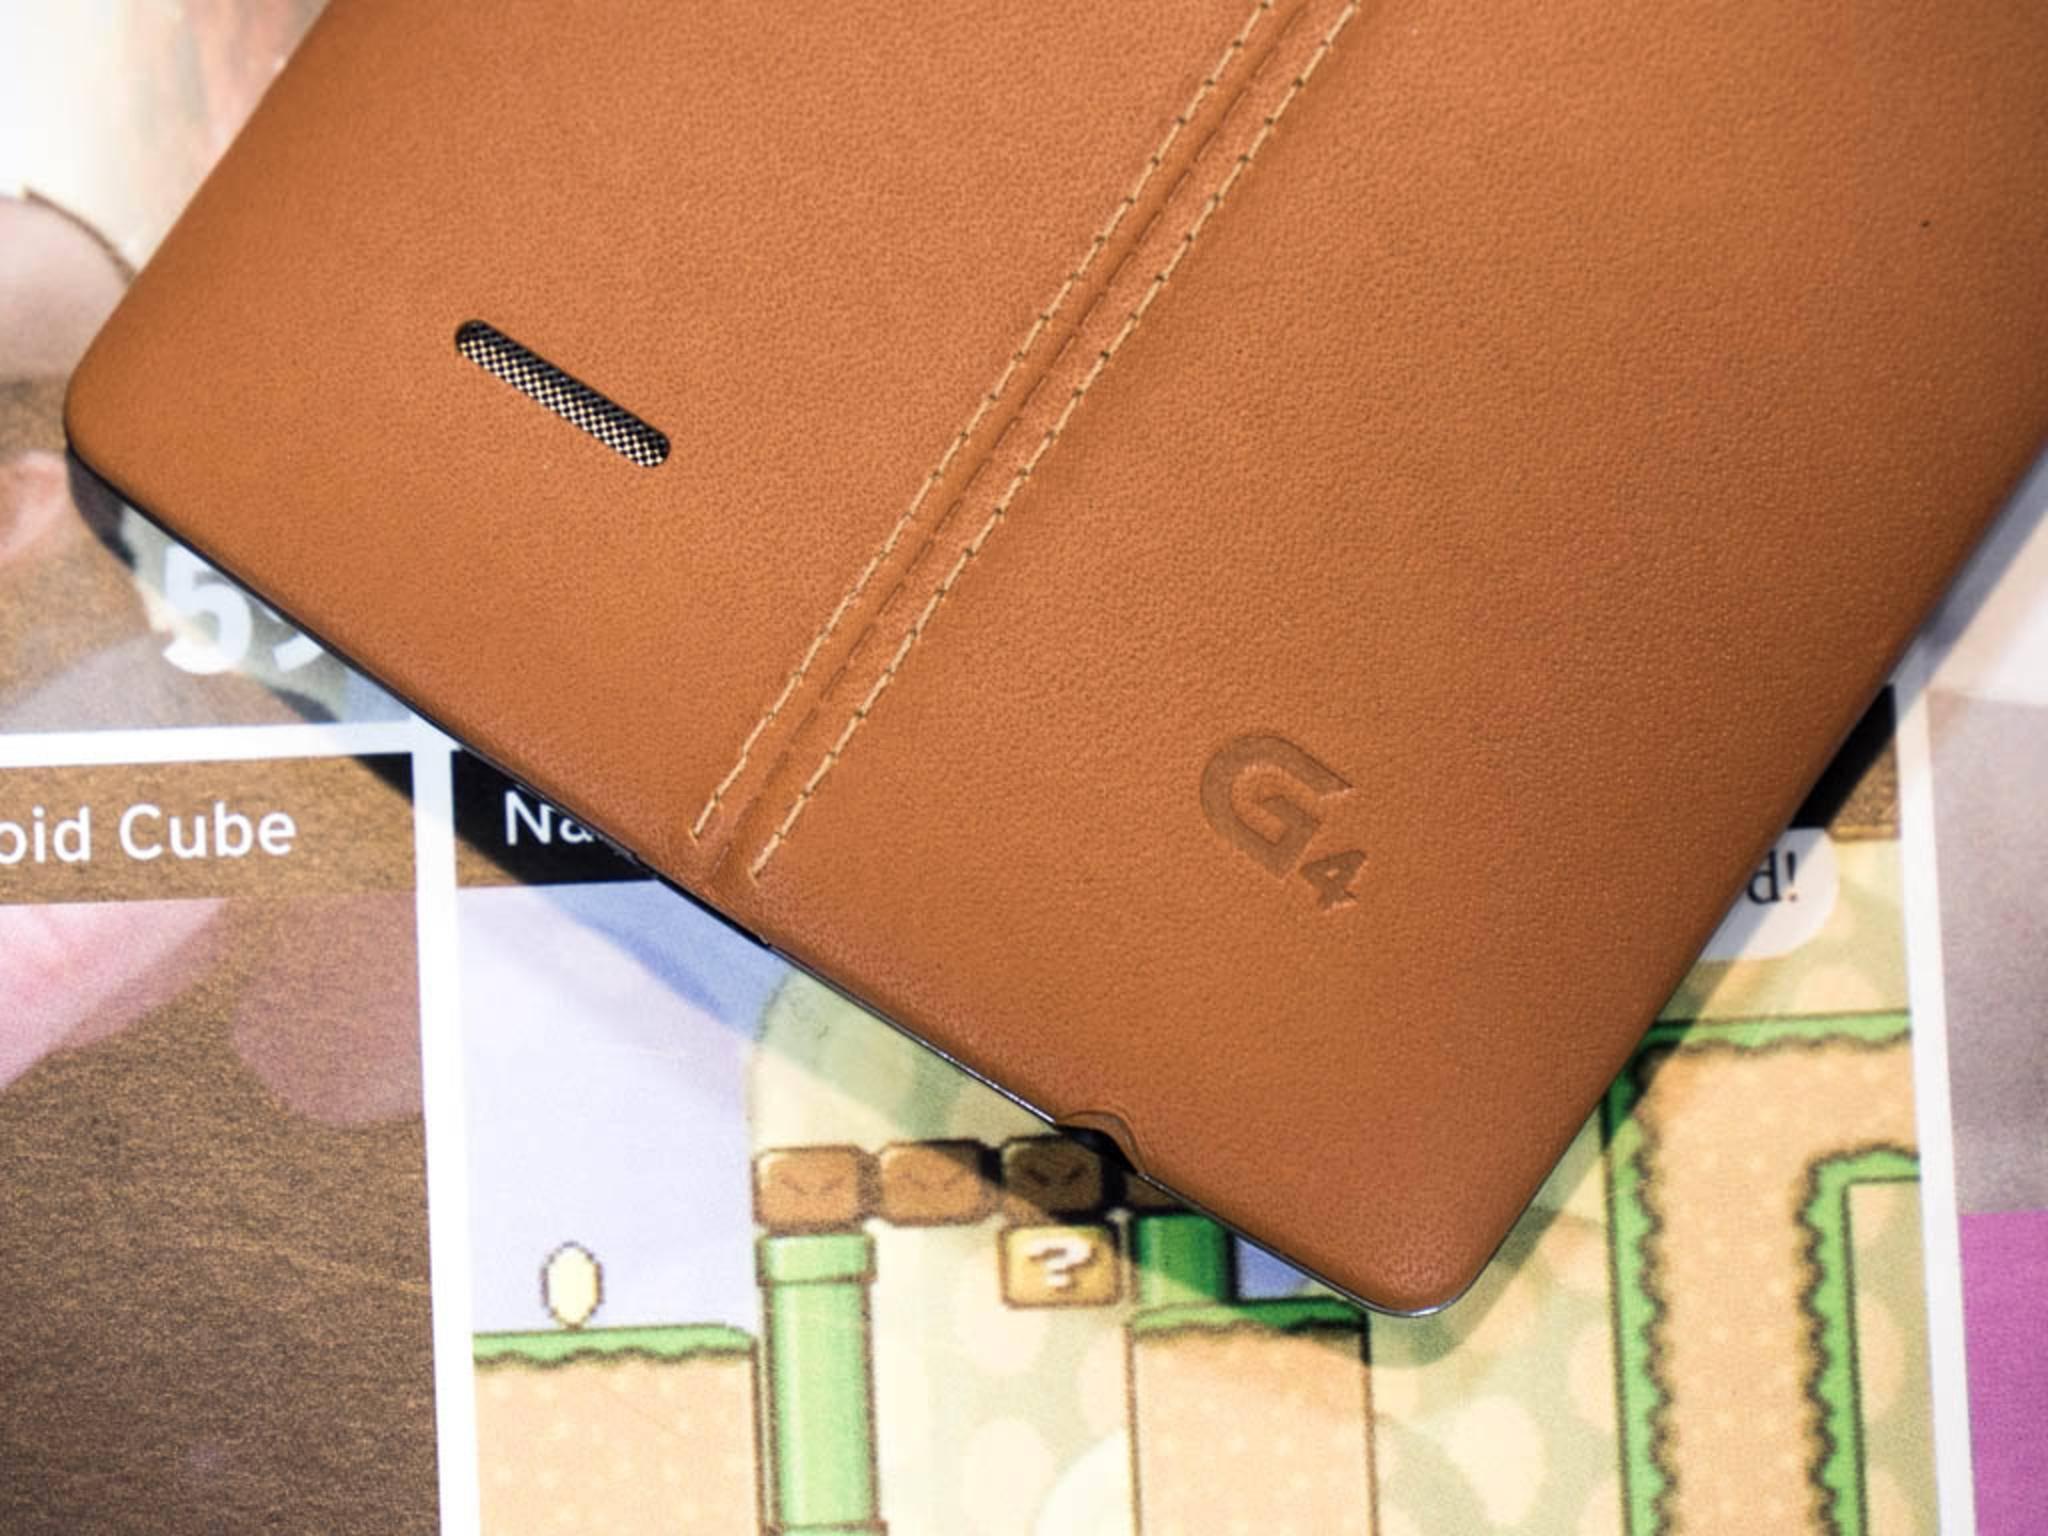 Vom LG G4 gibt es bereits diverse Ableger.